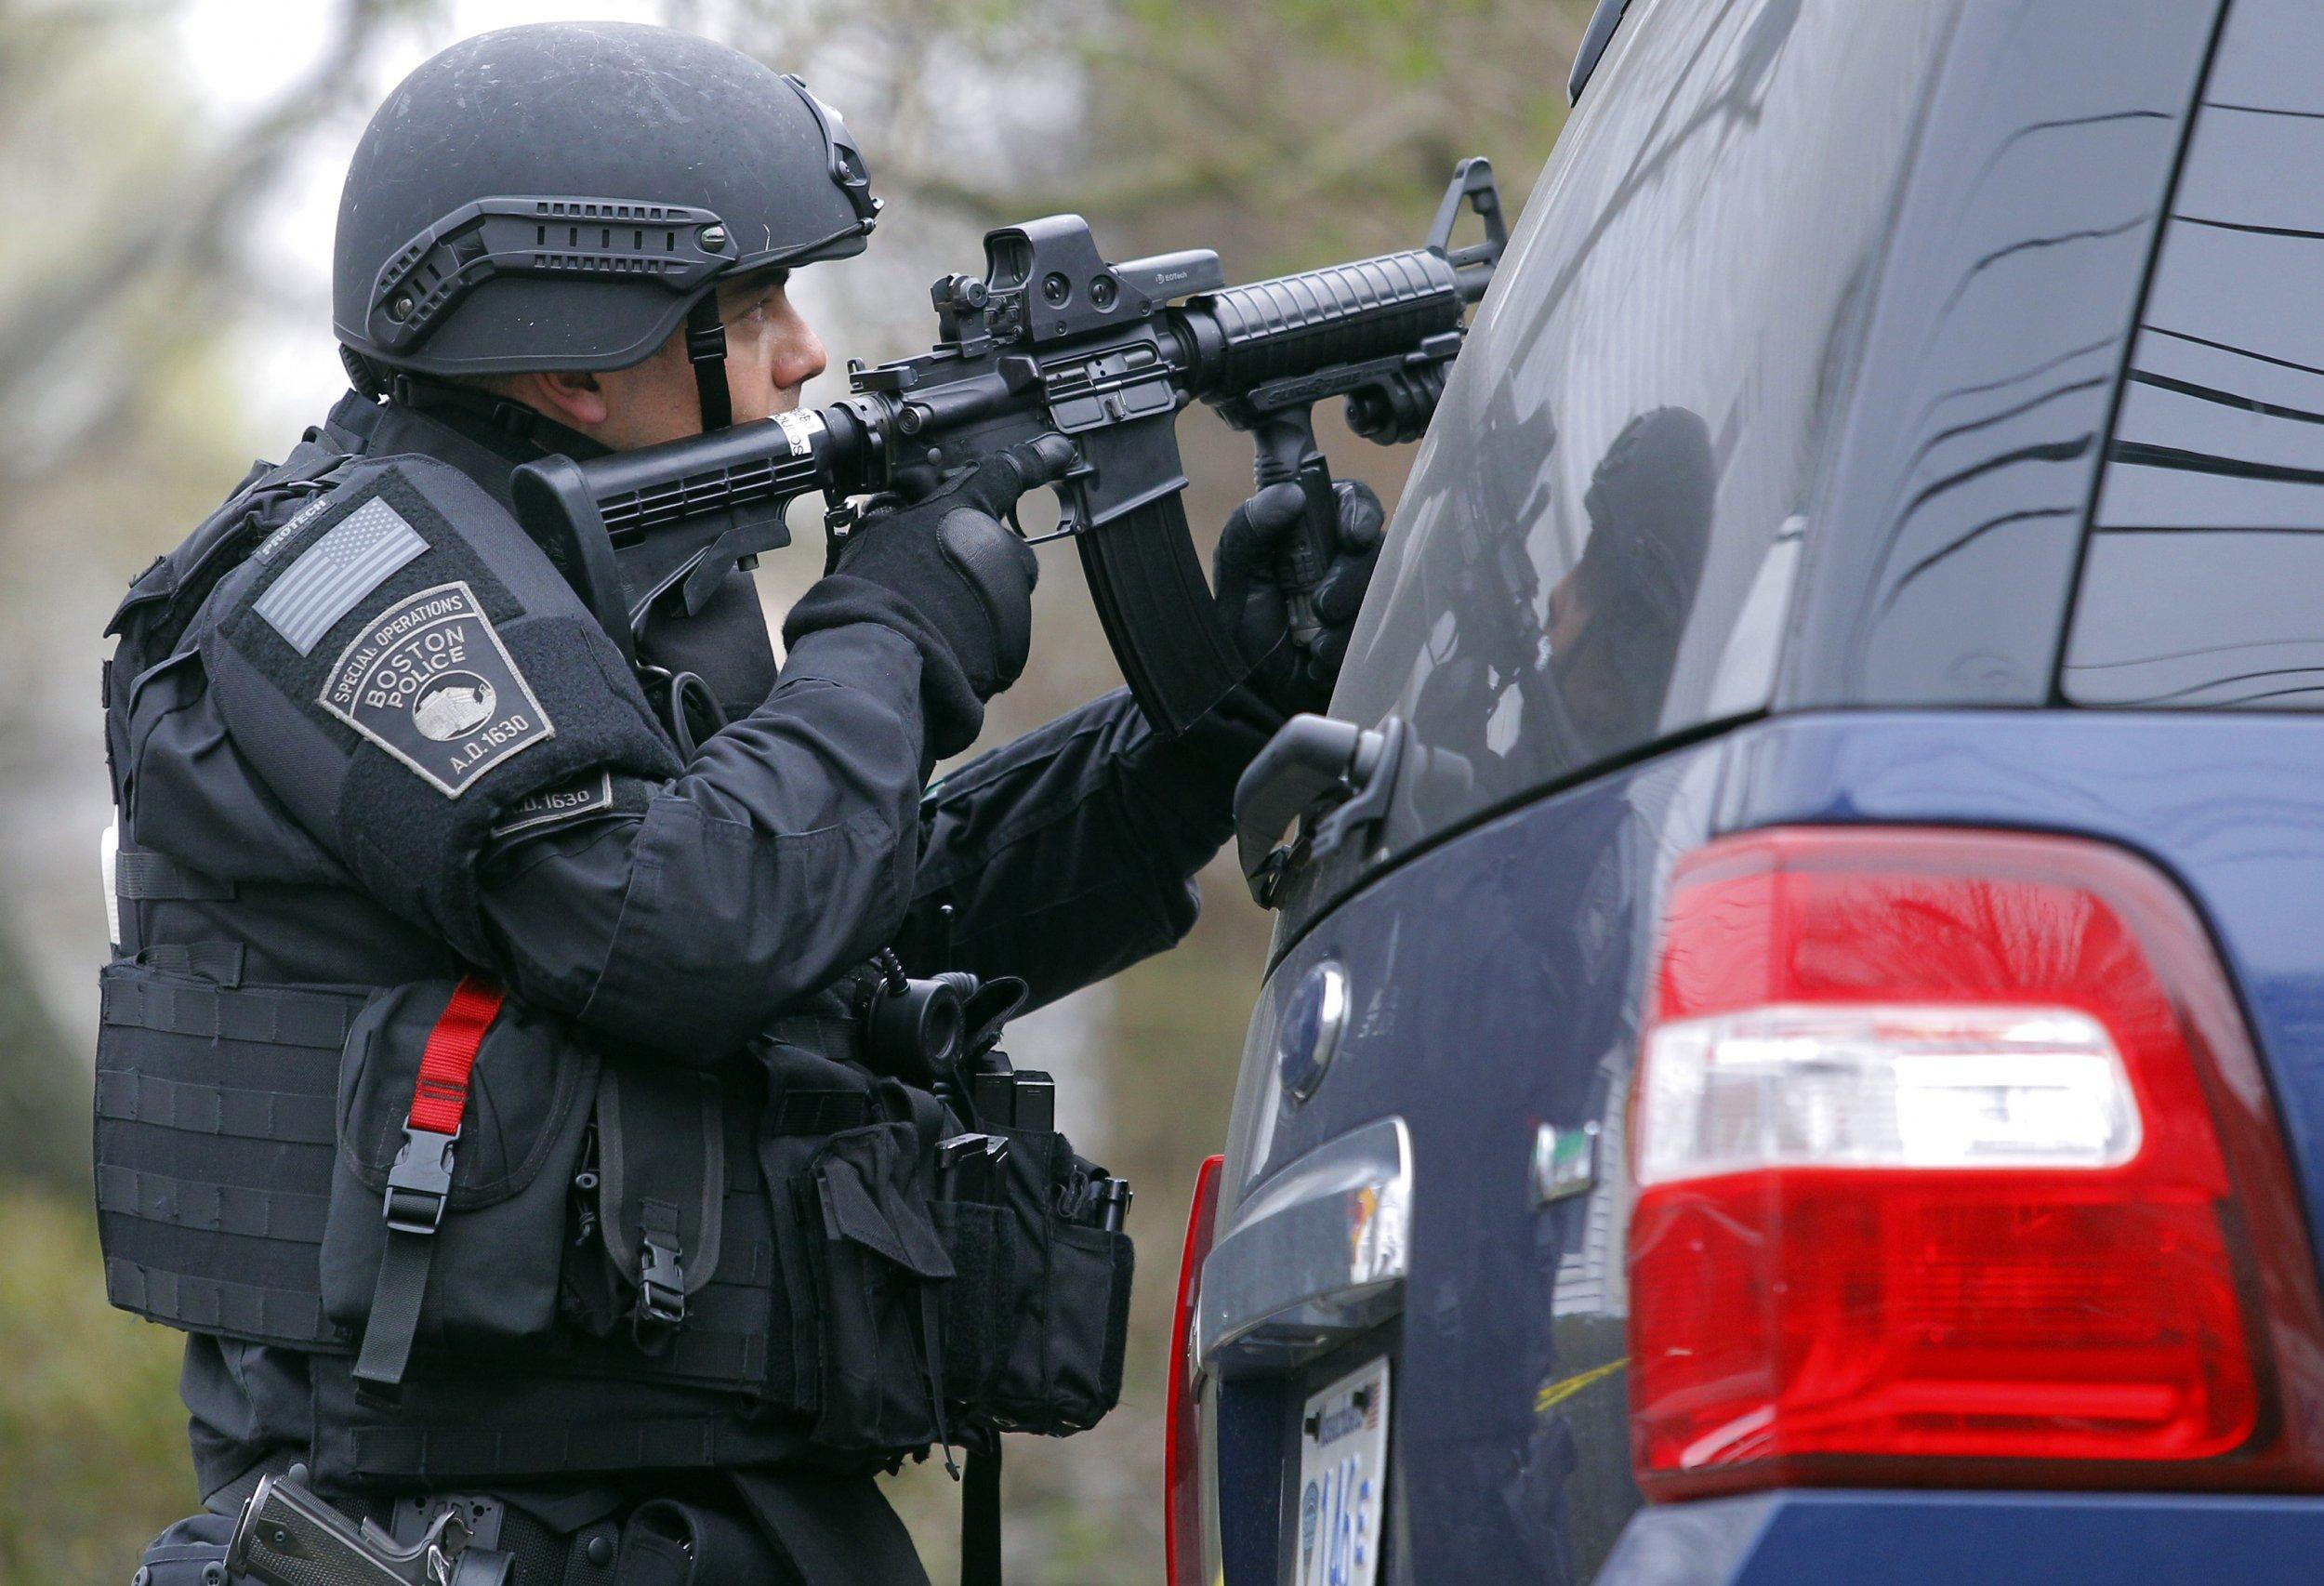 09_17_PoliceMilitarization_01